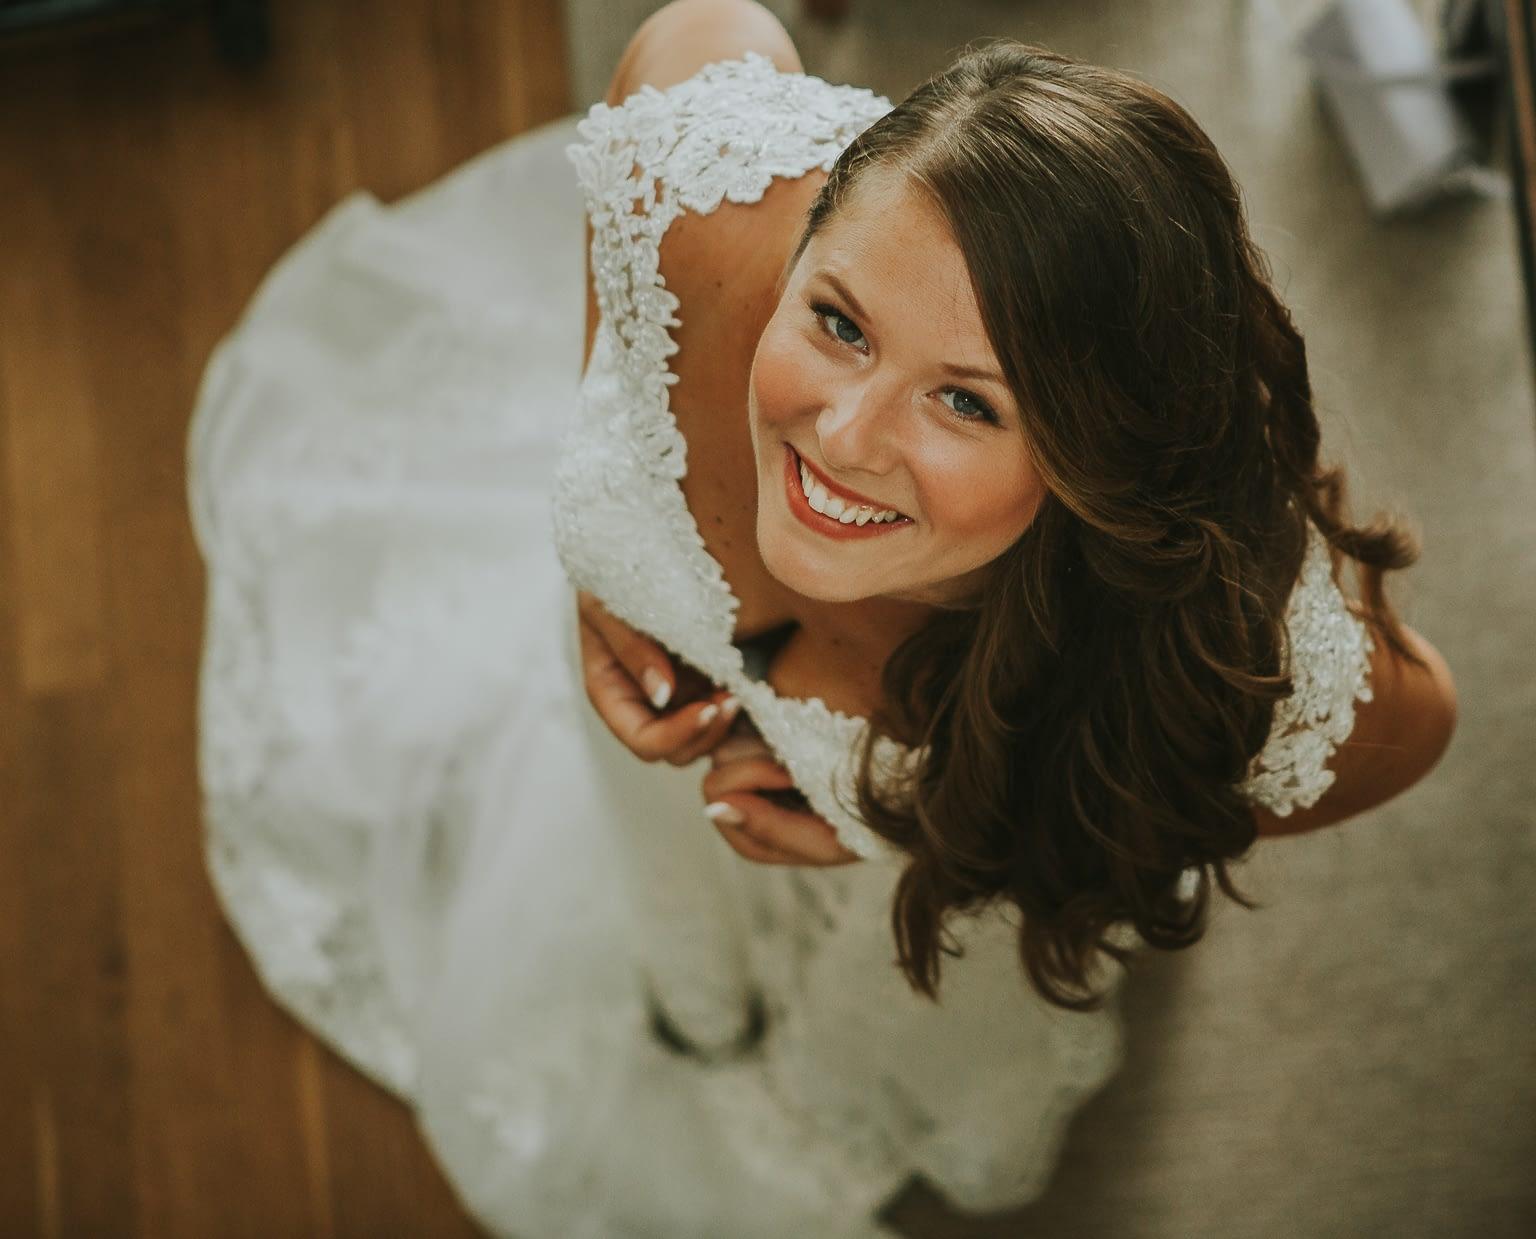 photographie original du mariee dans les preparatives de mariage